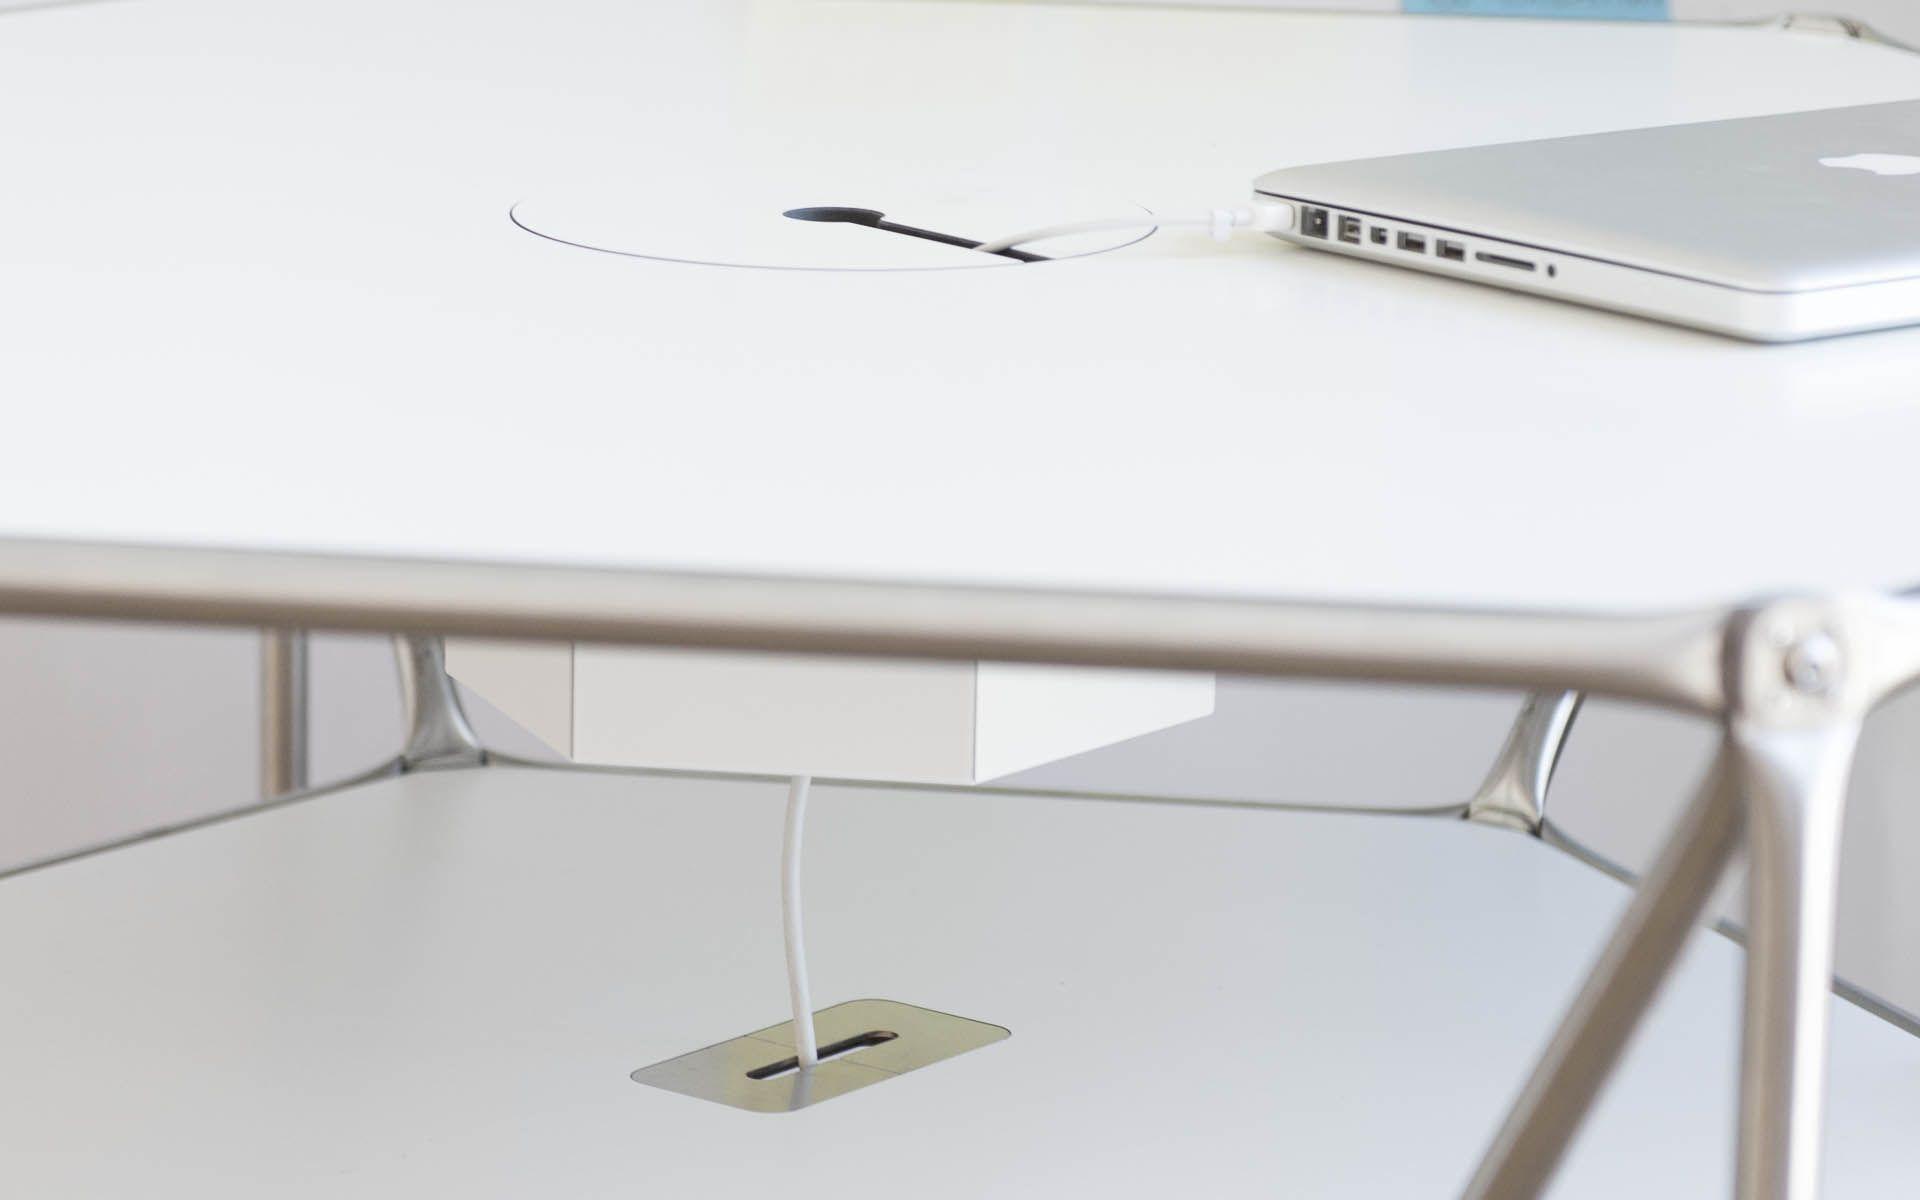 Der mobile flexible tisch table dt line t6 aus der for Design thinking tisch